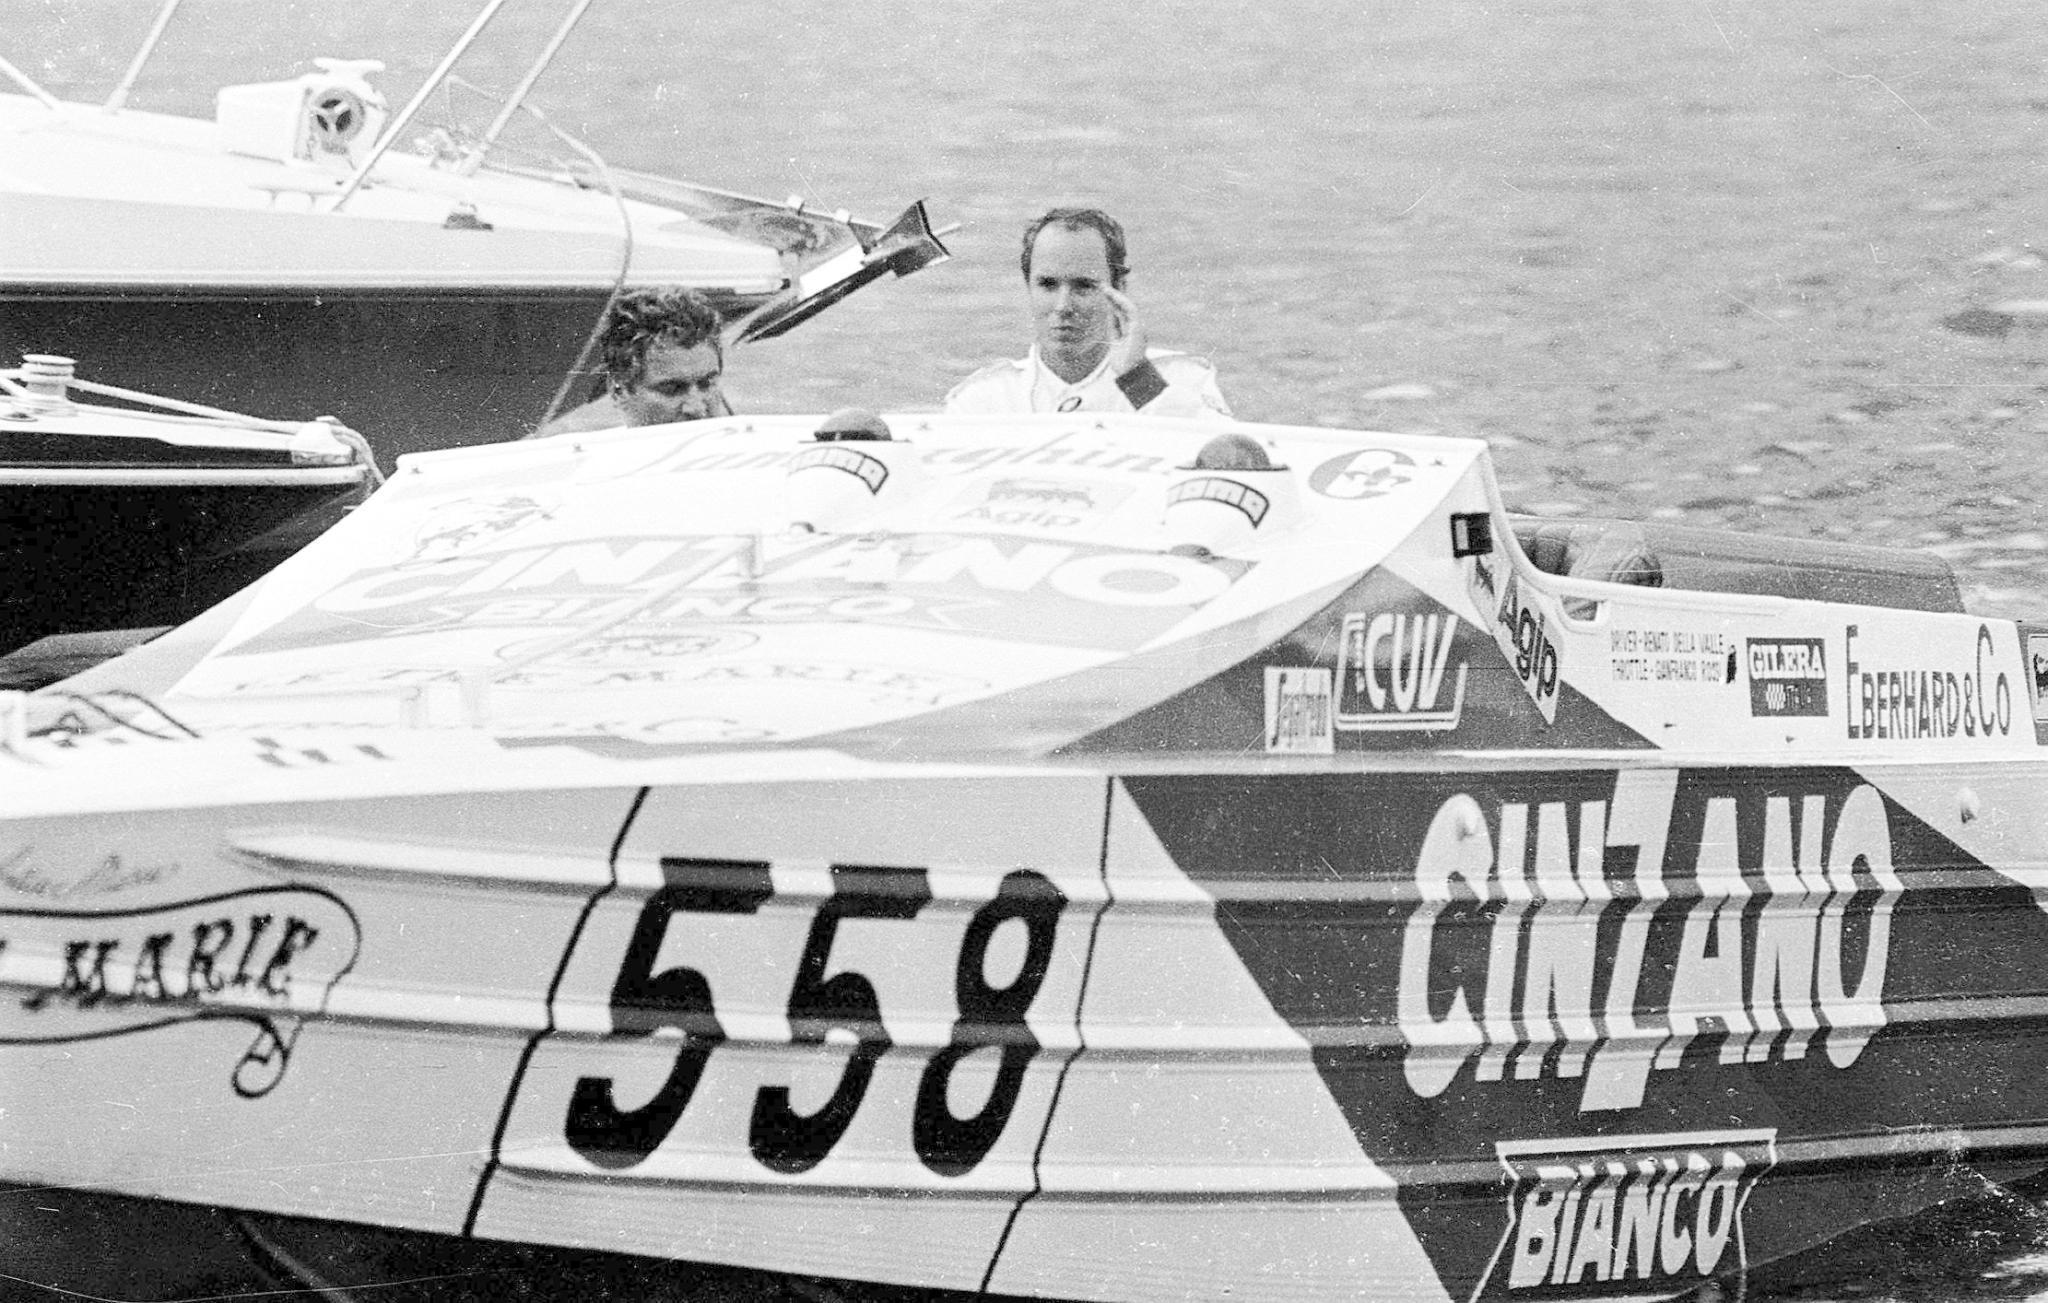 Pierres Vater, Stefano Casiraghi, liebte schnelle Motorboote - und starb als Folge eines Rennunfalls.